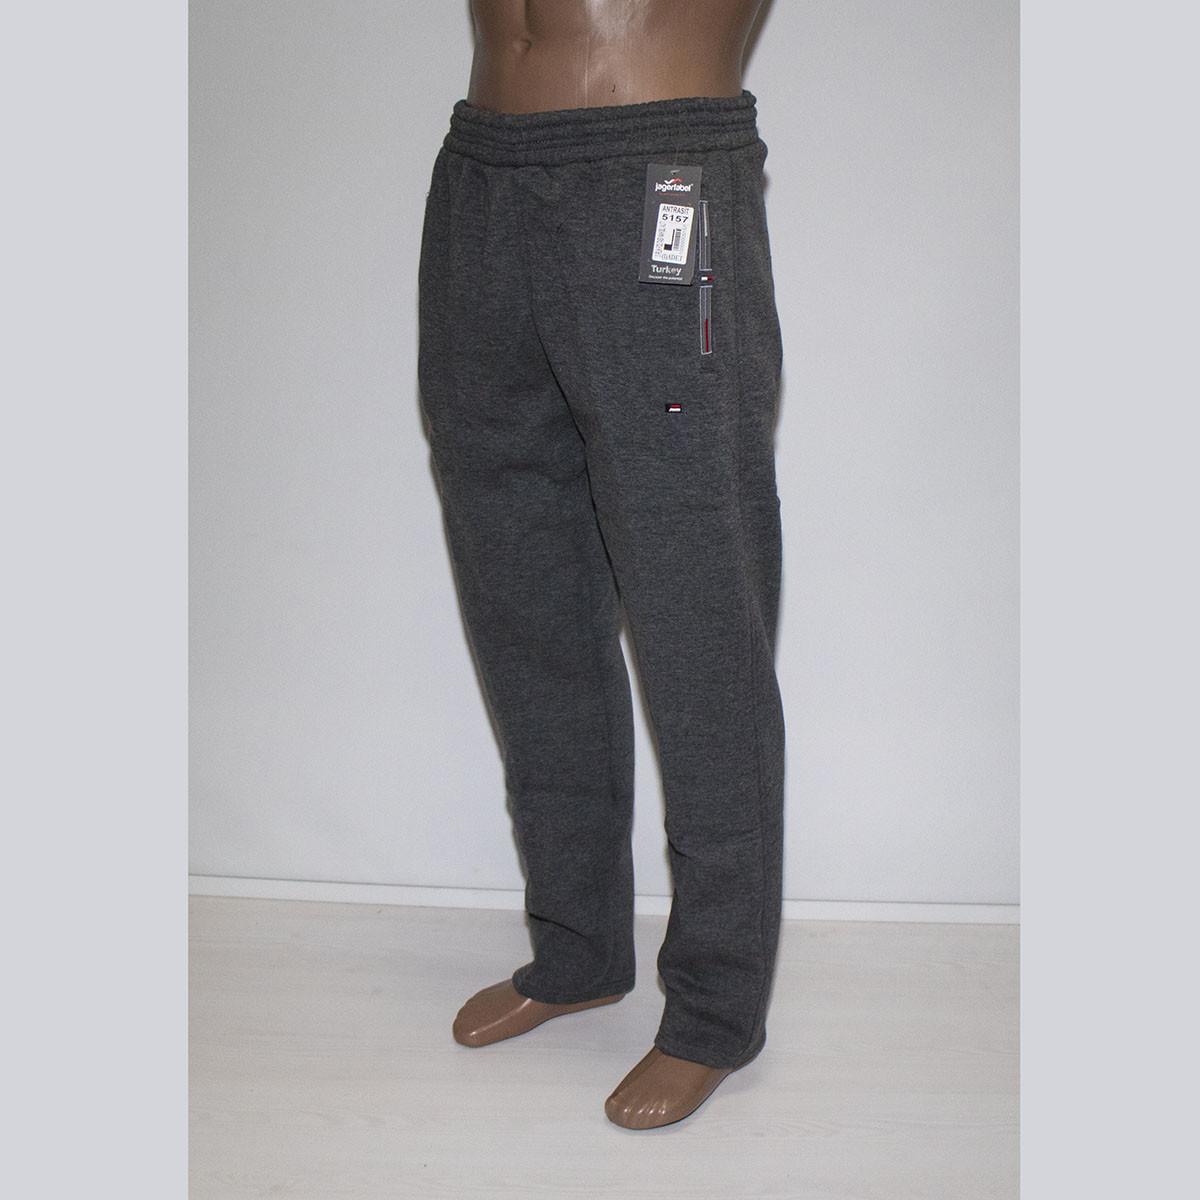 Теплі чоловічі спортивні штани трехнитка пр-під Туреччина 4996